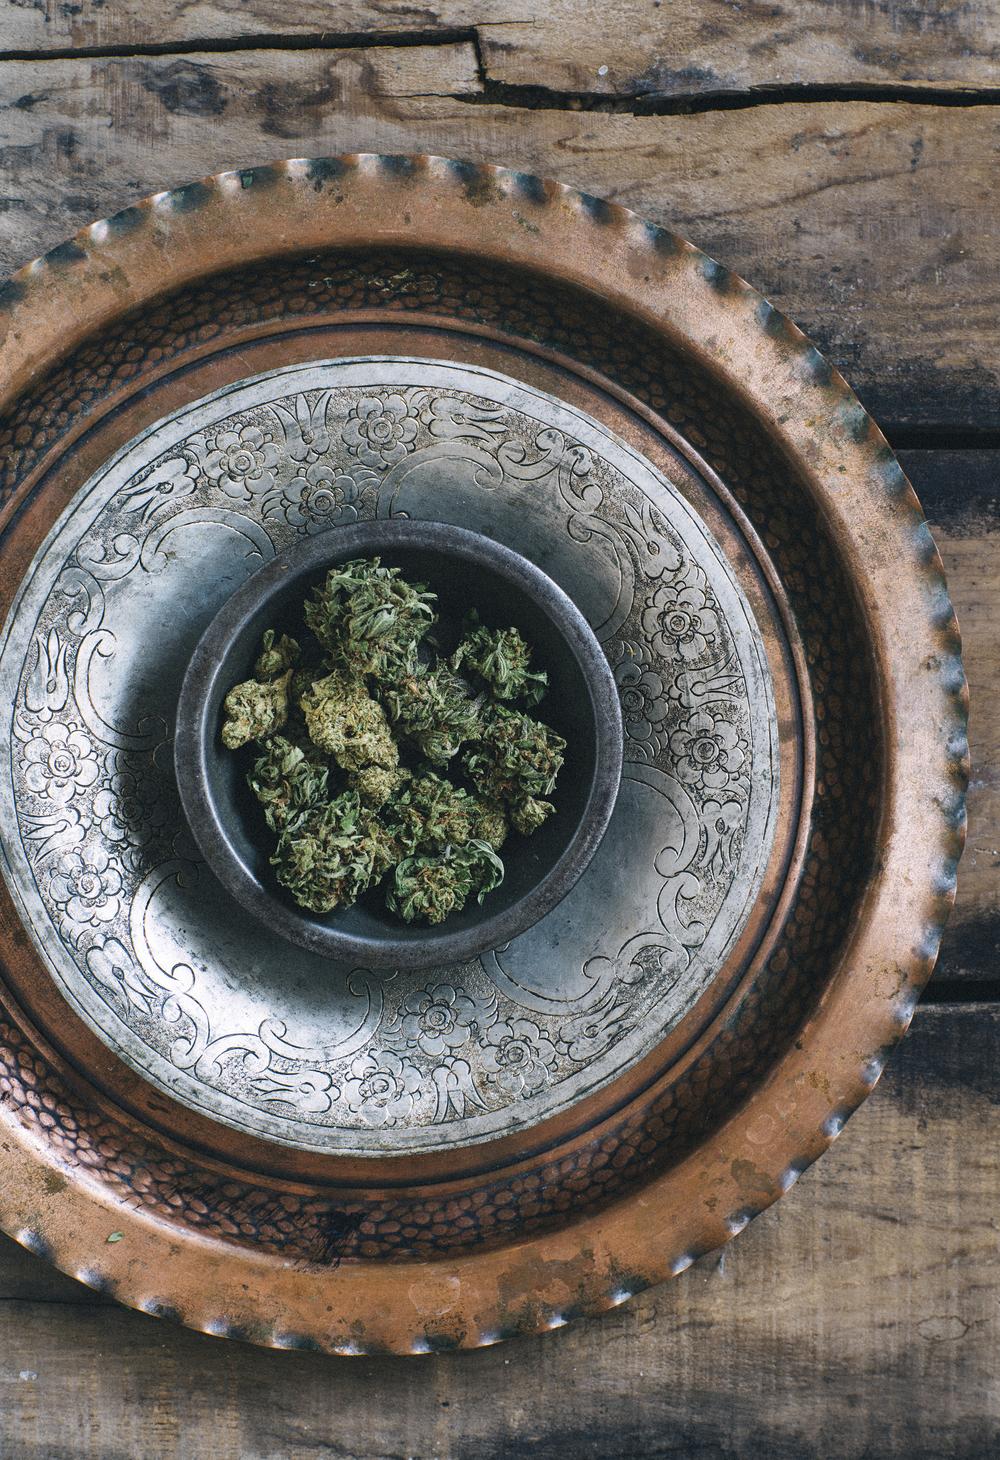 Weed_still Life.jpg